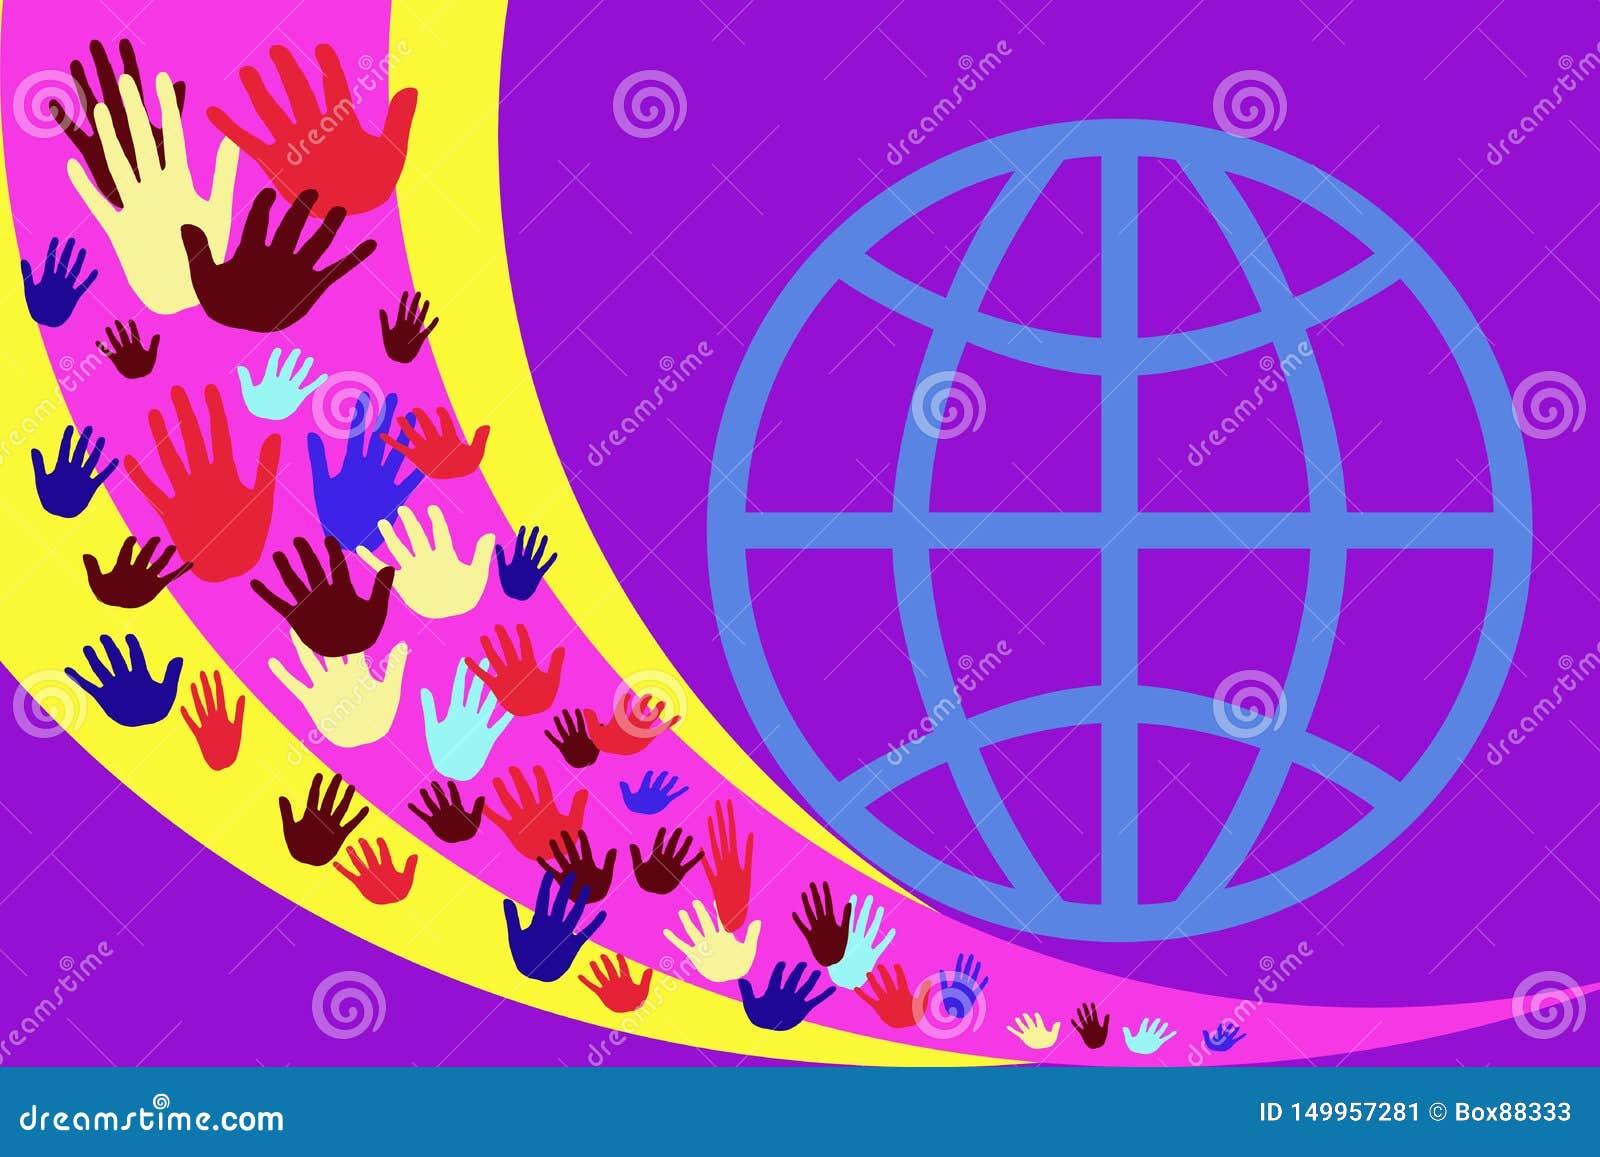 Imagen abstracta con las manos multicoloras en un fondo de rayas amarillas y púrpuras